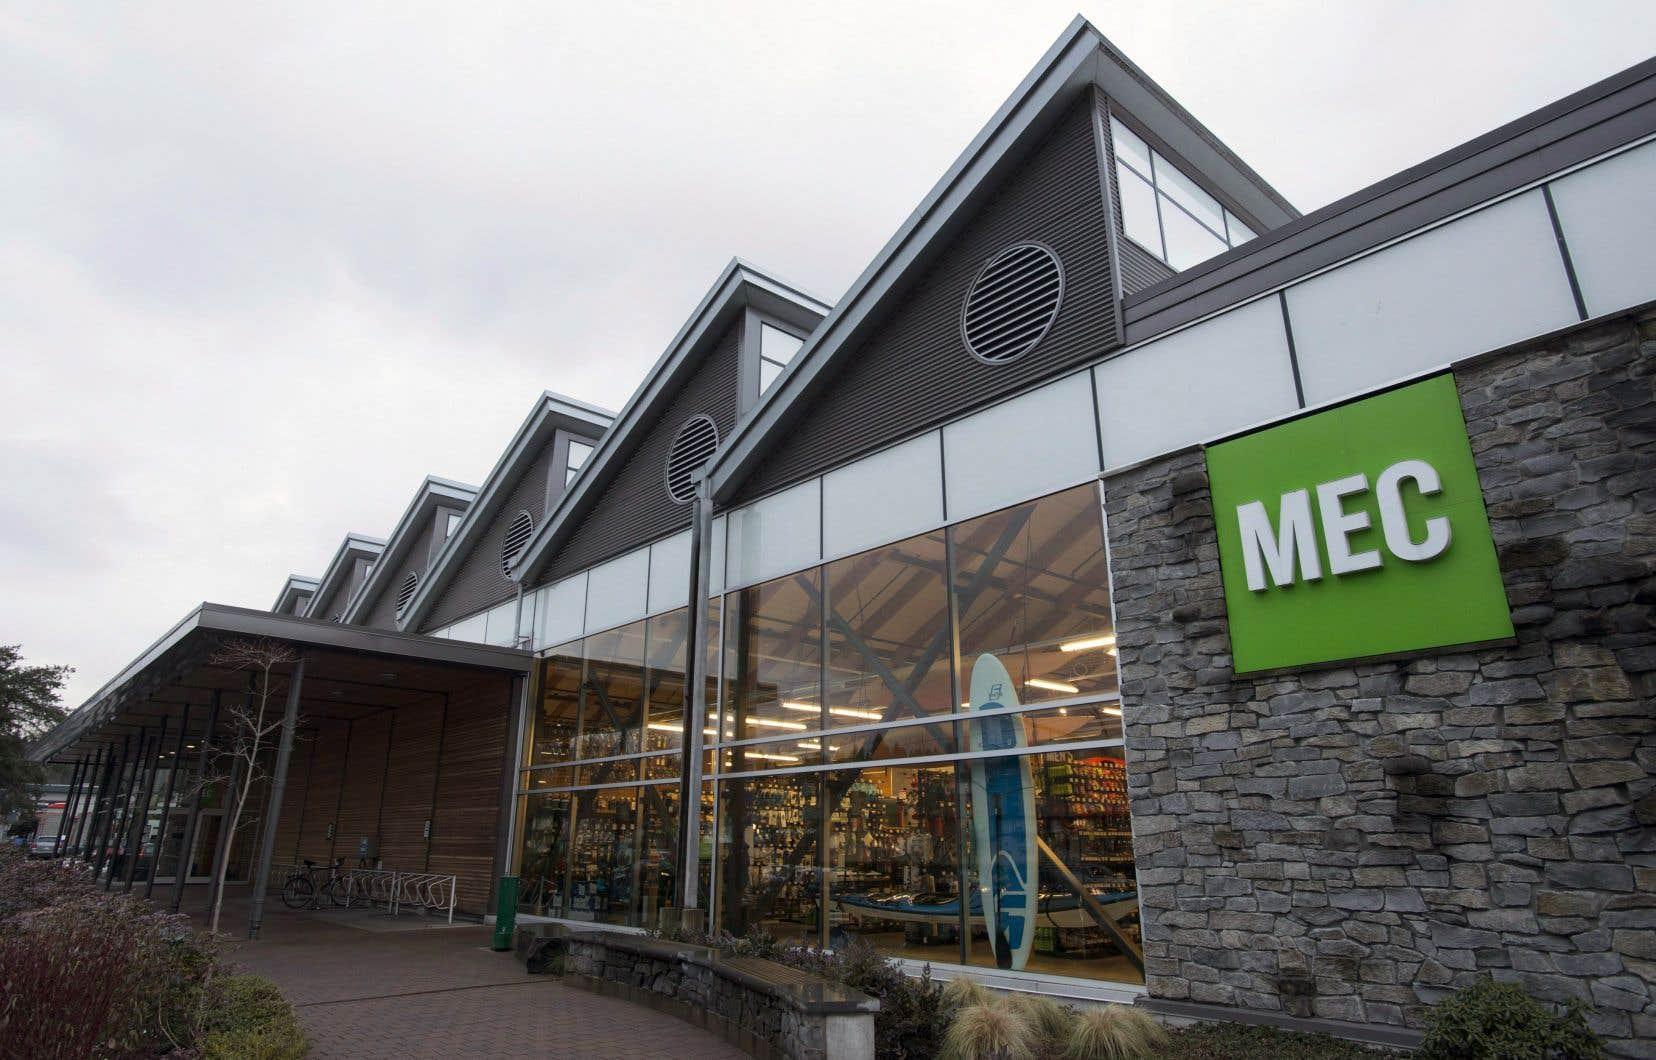 Le boycottage chez MEC est entré en vigueur le 25 juin, date à laquelle l'entreprise a retiré son contenu et ses publicités payées de Facebook et Instagram jusqu'à la fin de juillet.